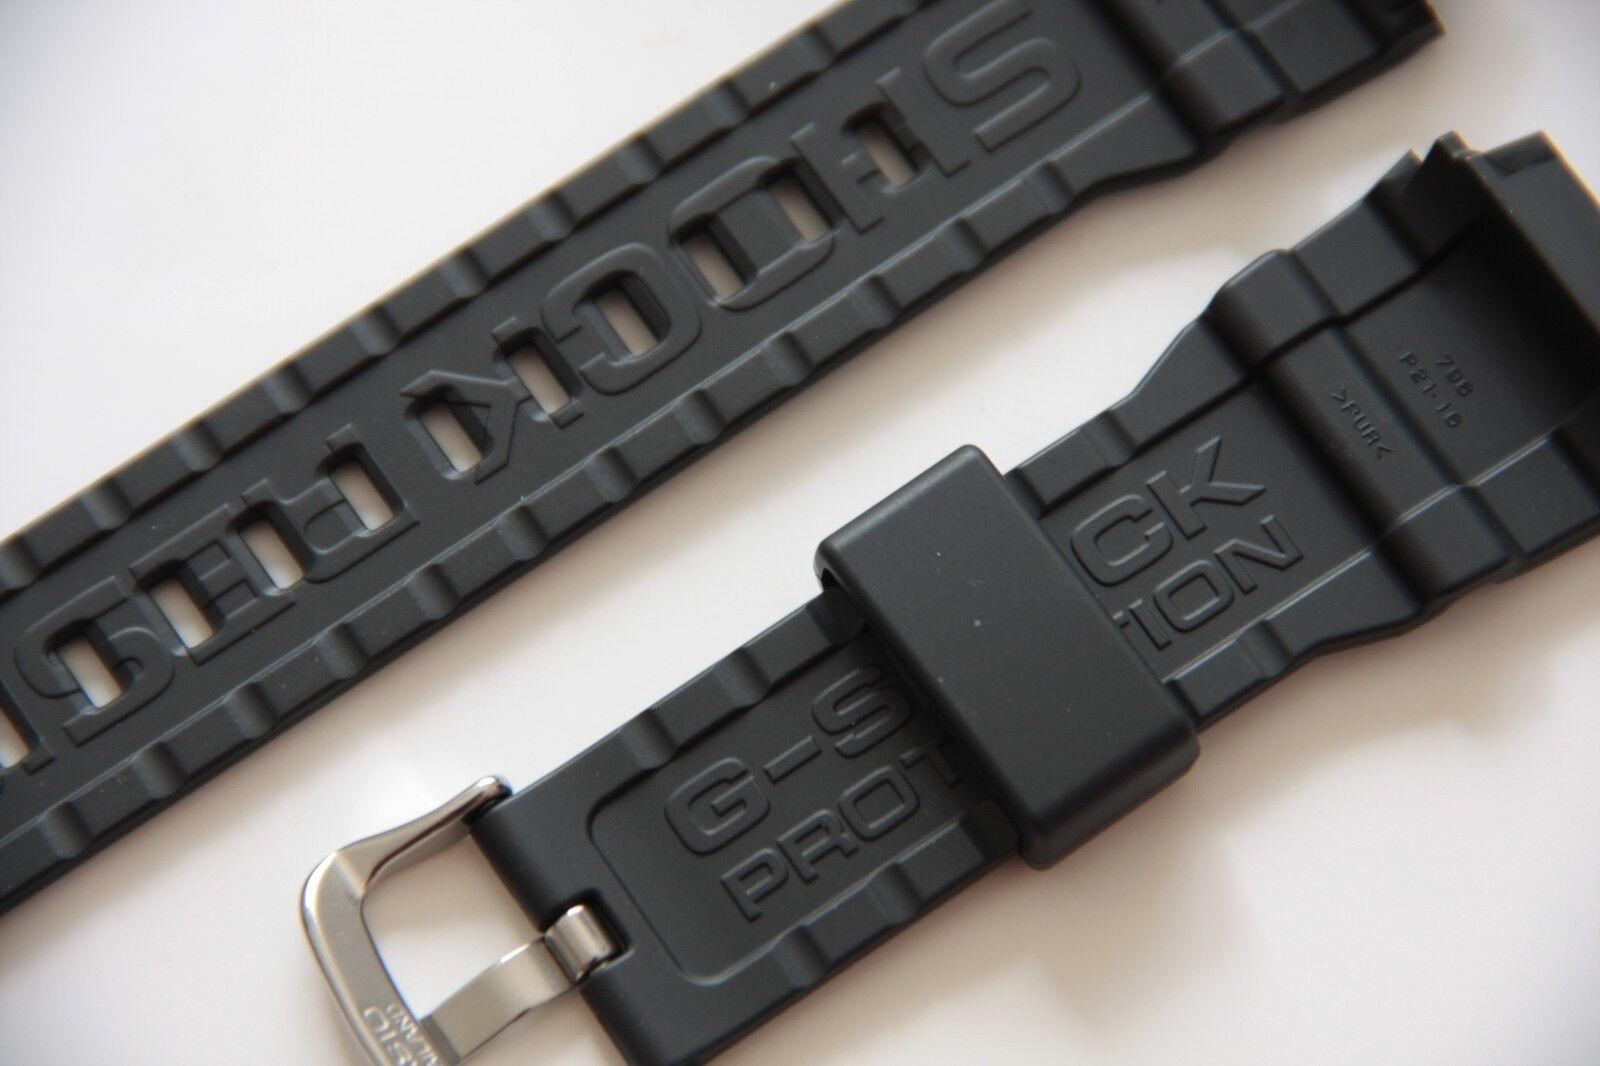 CASIO G 9300 G Shock original caoutchouc noir nouveau watch  rMUDV